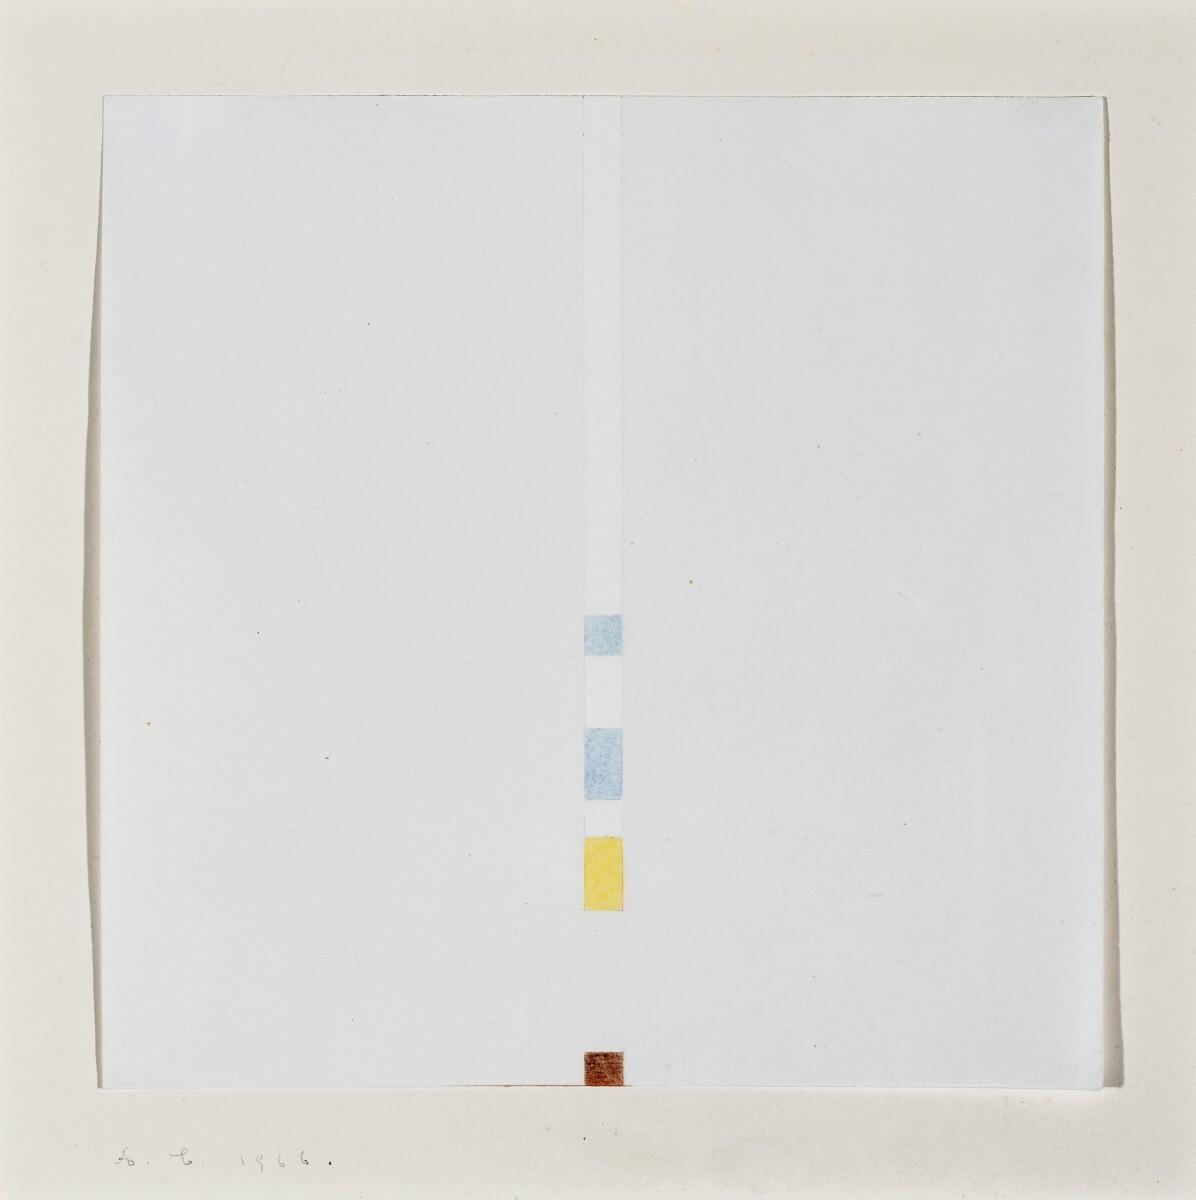 Antonio Calderara - Composition